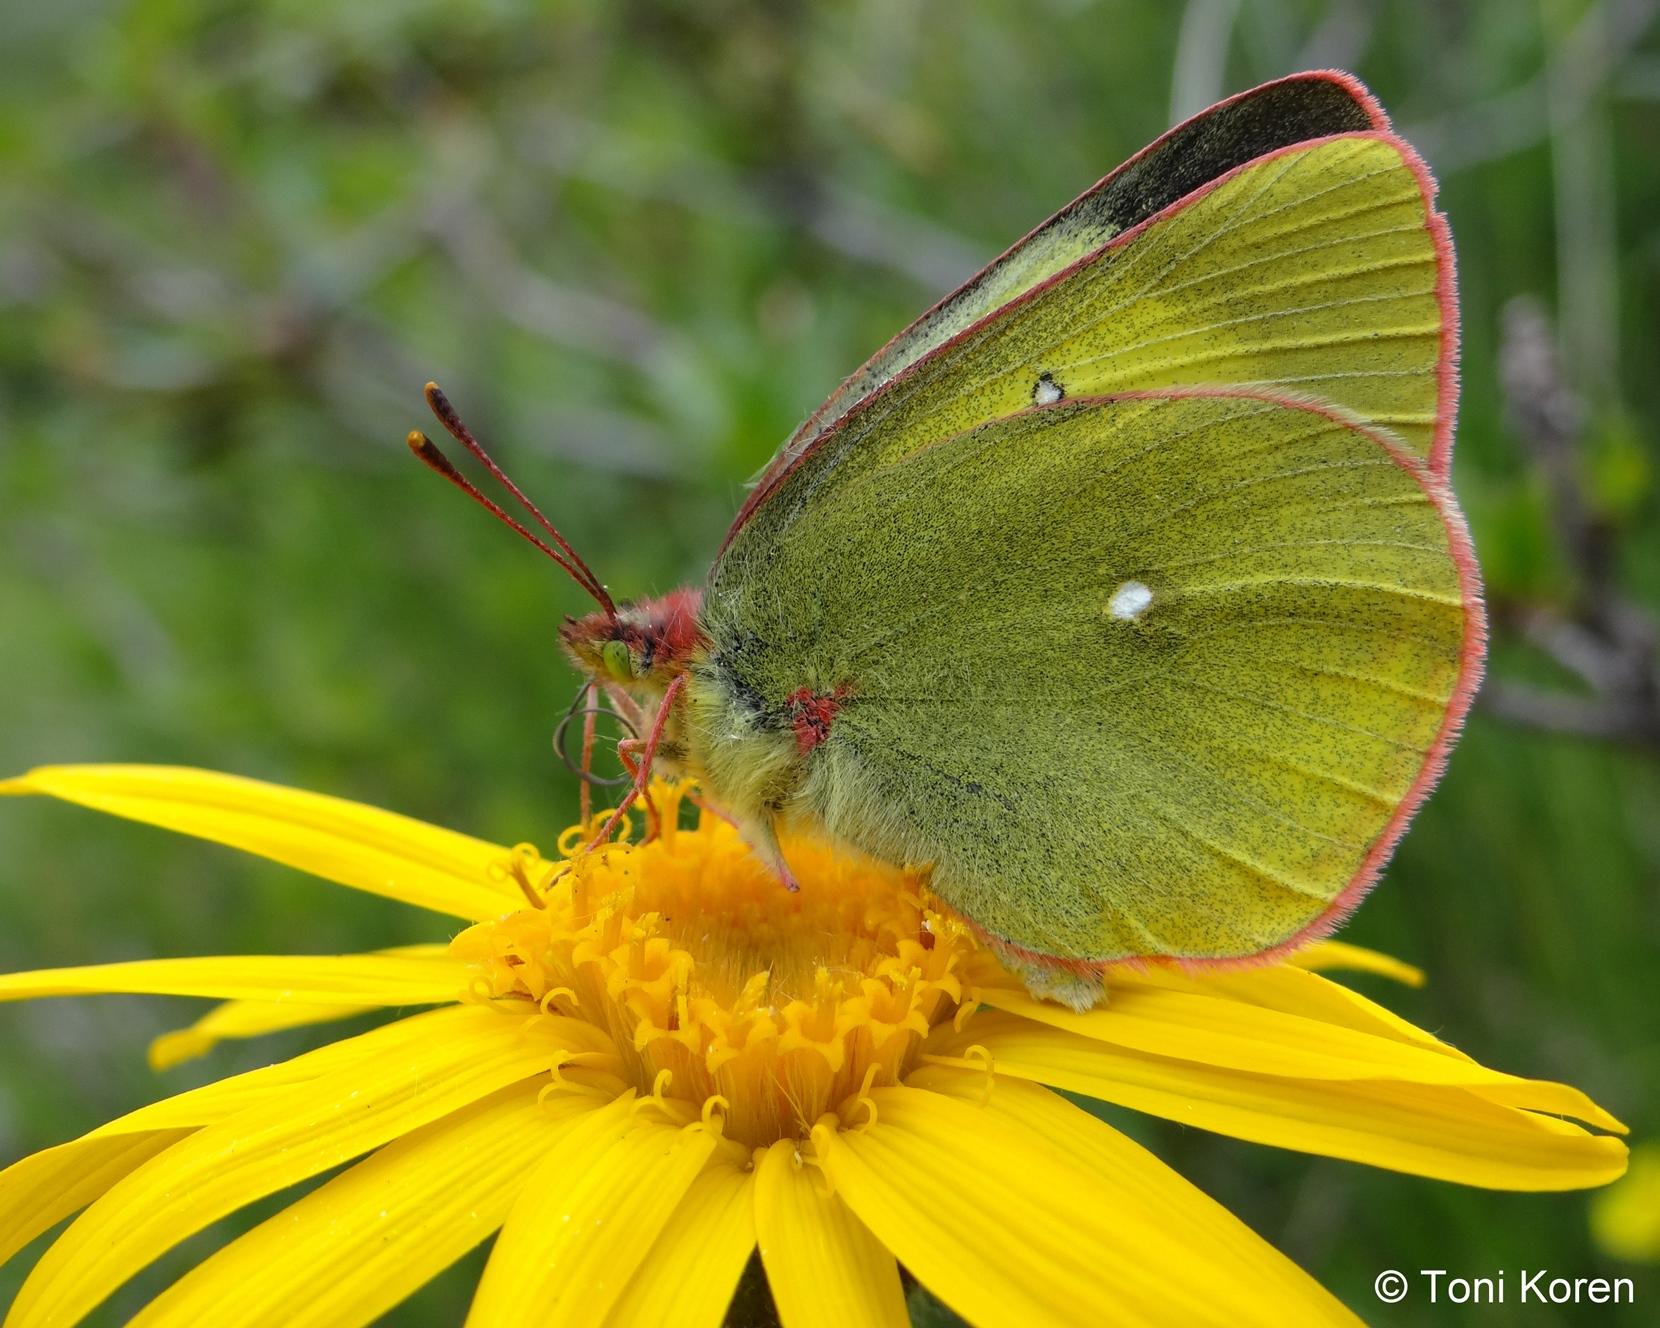 zDSC03119 Colias paleno Pieridae Lepidoptera